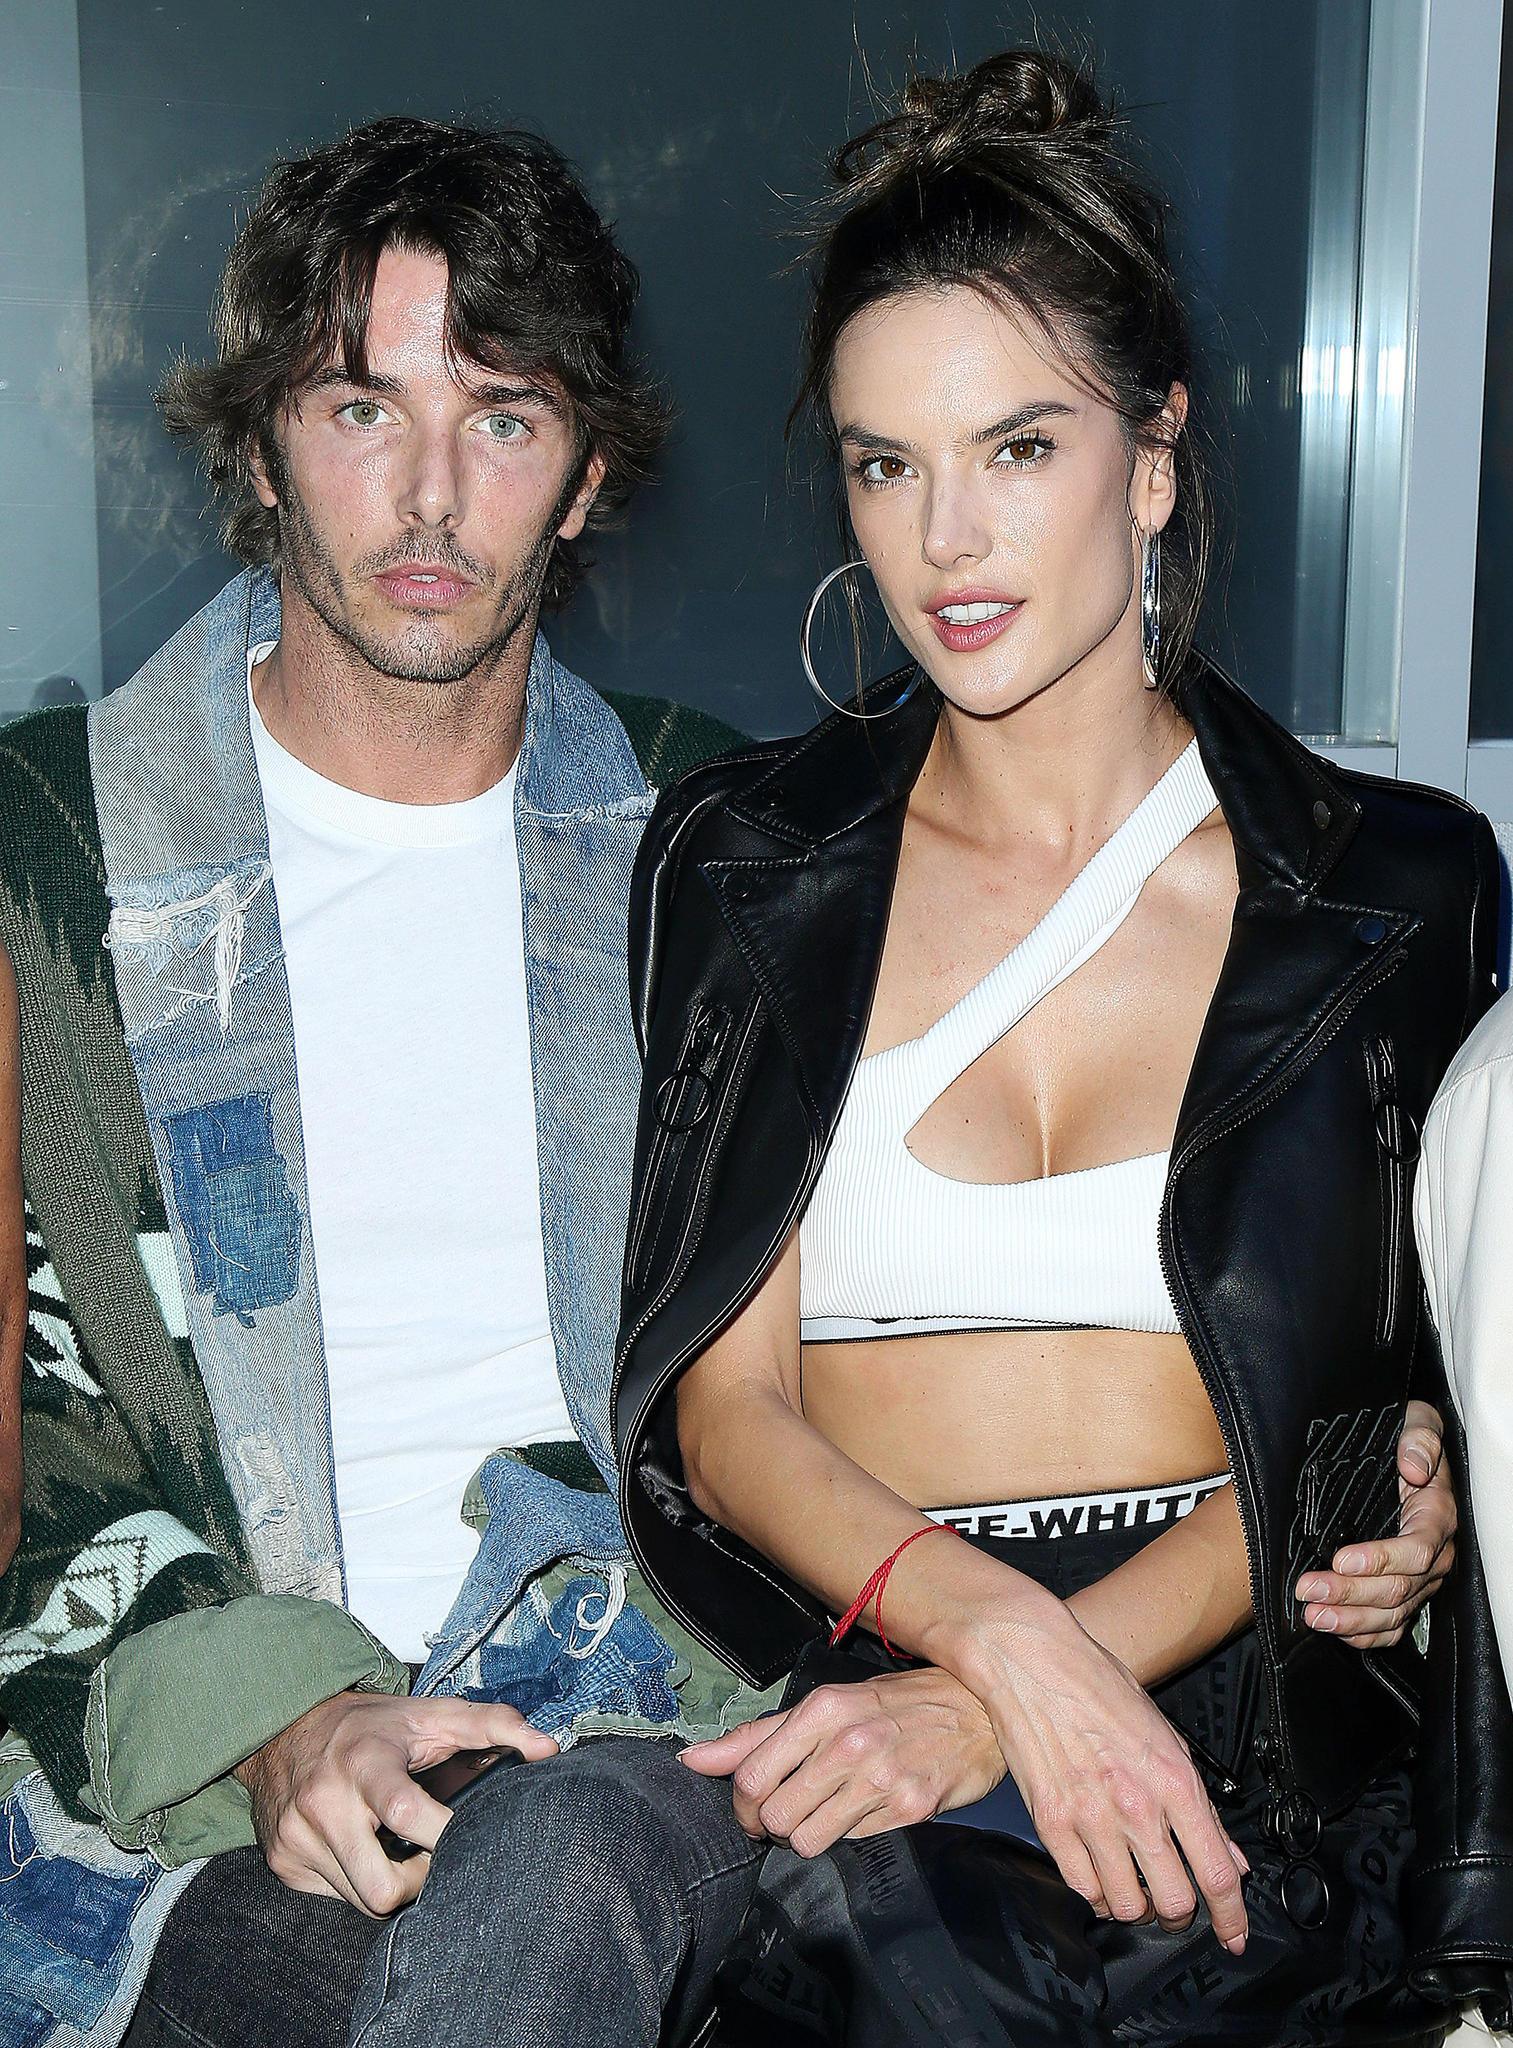 Seit einigen Monaten datet der 37-jährige Italiener die schöne Brasilianerin. Erst vor wenigen Wochen zeigen sich NicoloOddi und Alessandra Ambrosio öffentlich, wie hier auf der Fashion Week in Paris.